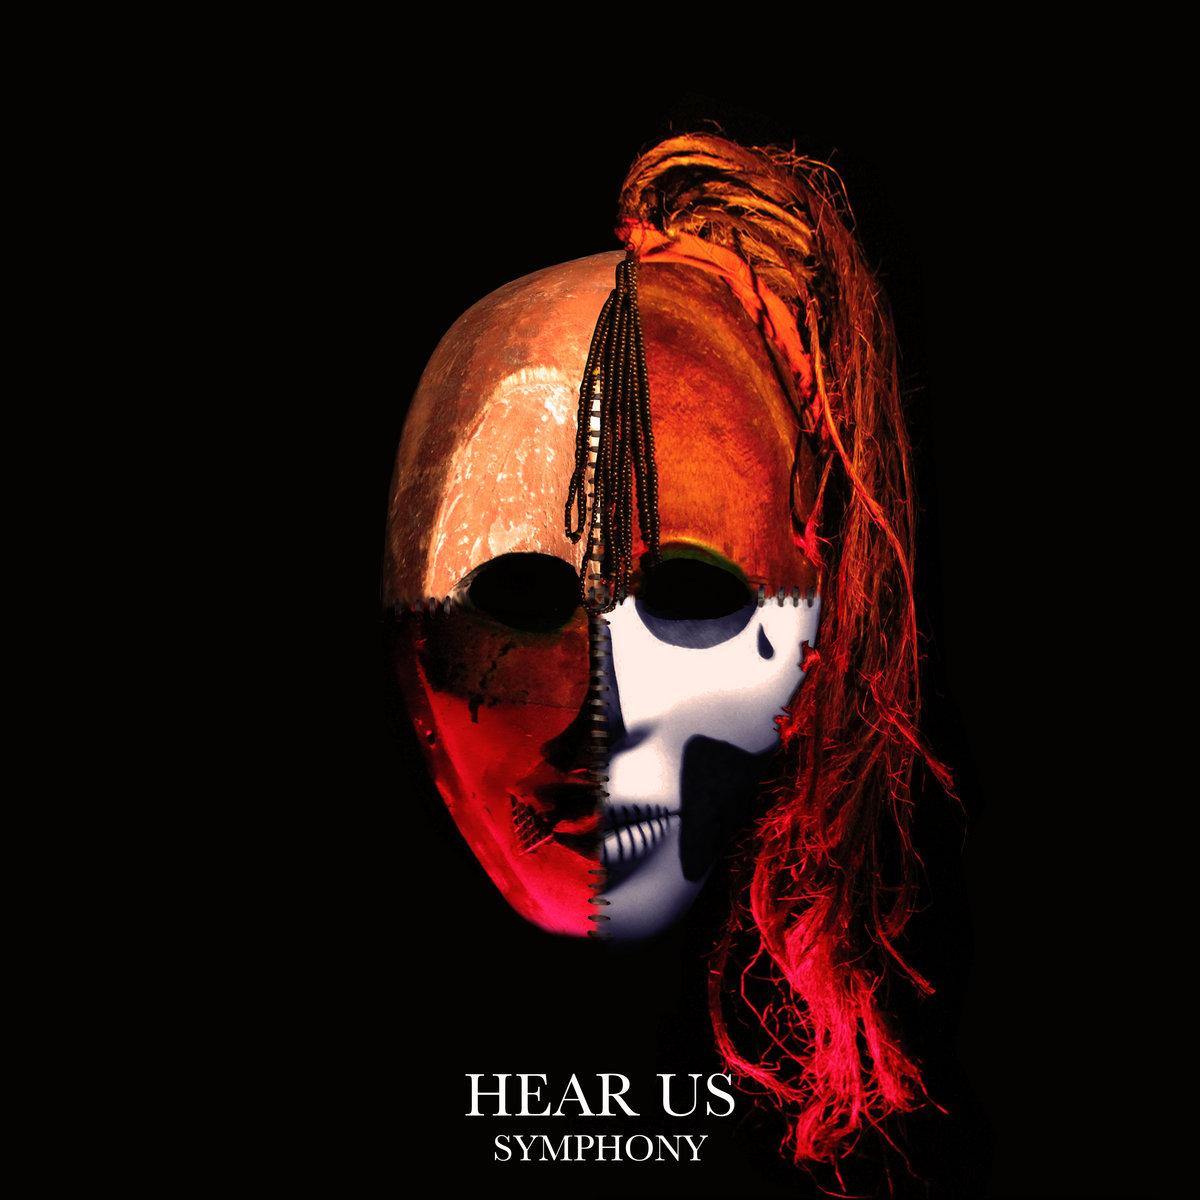 HEAR US SYMPHONY